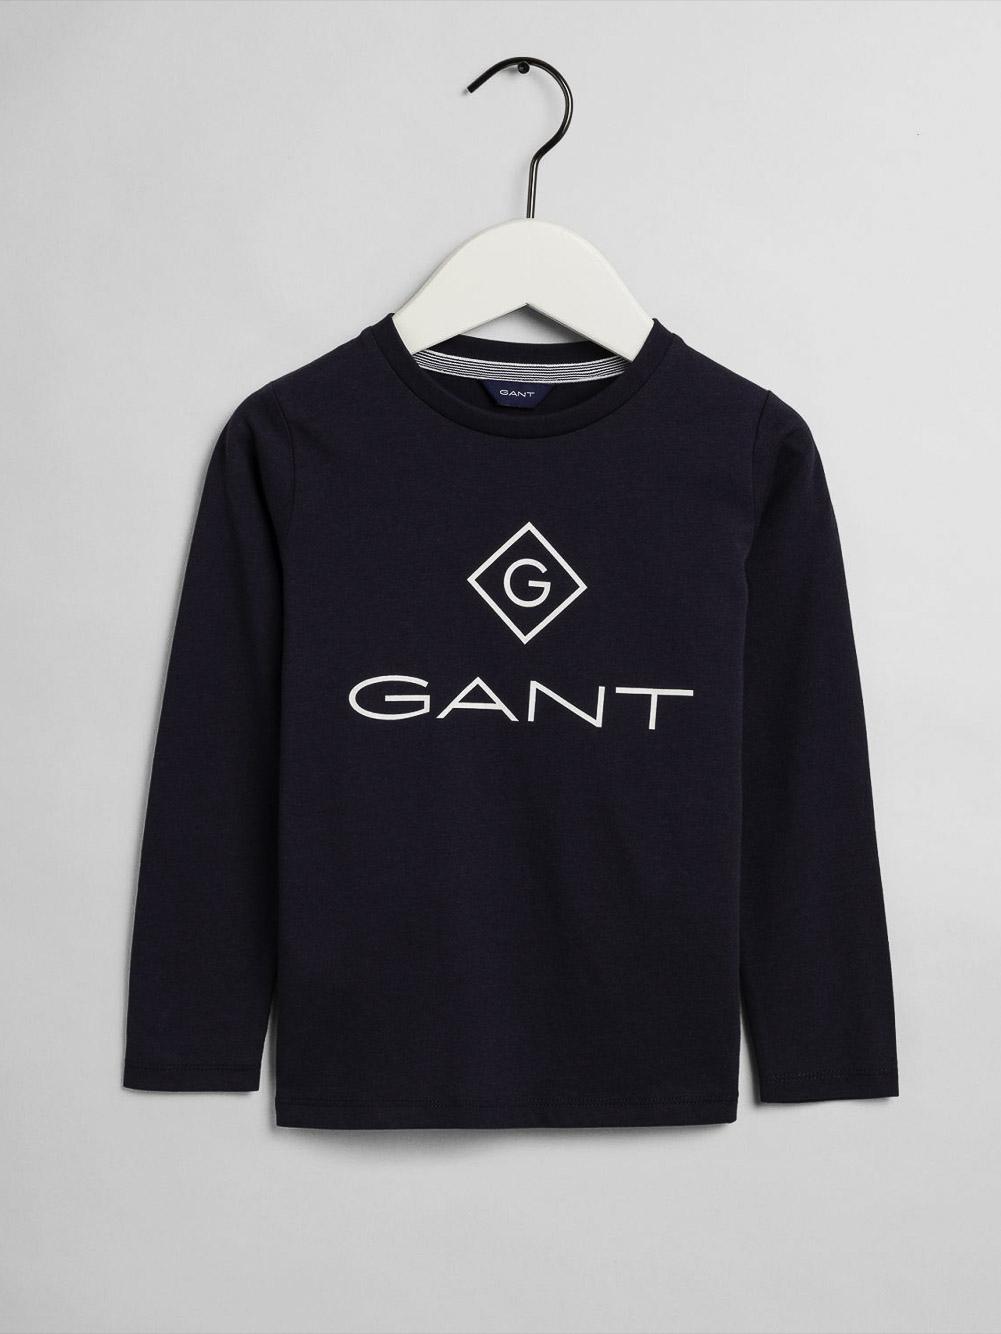 GANT Μπλούζα t-shirt 3G905158-433 ΜΠΛΕ